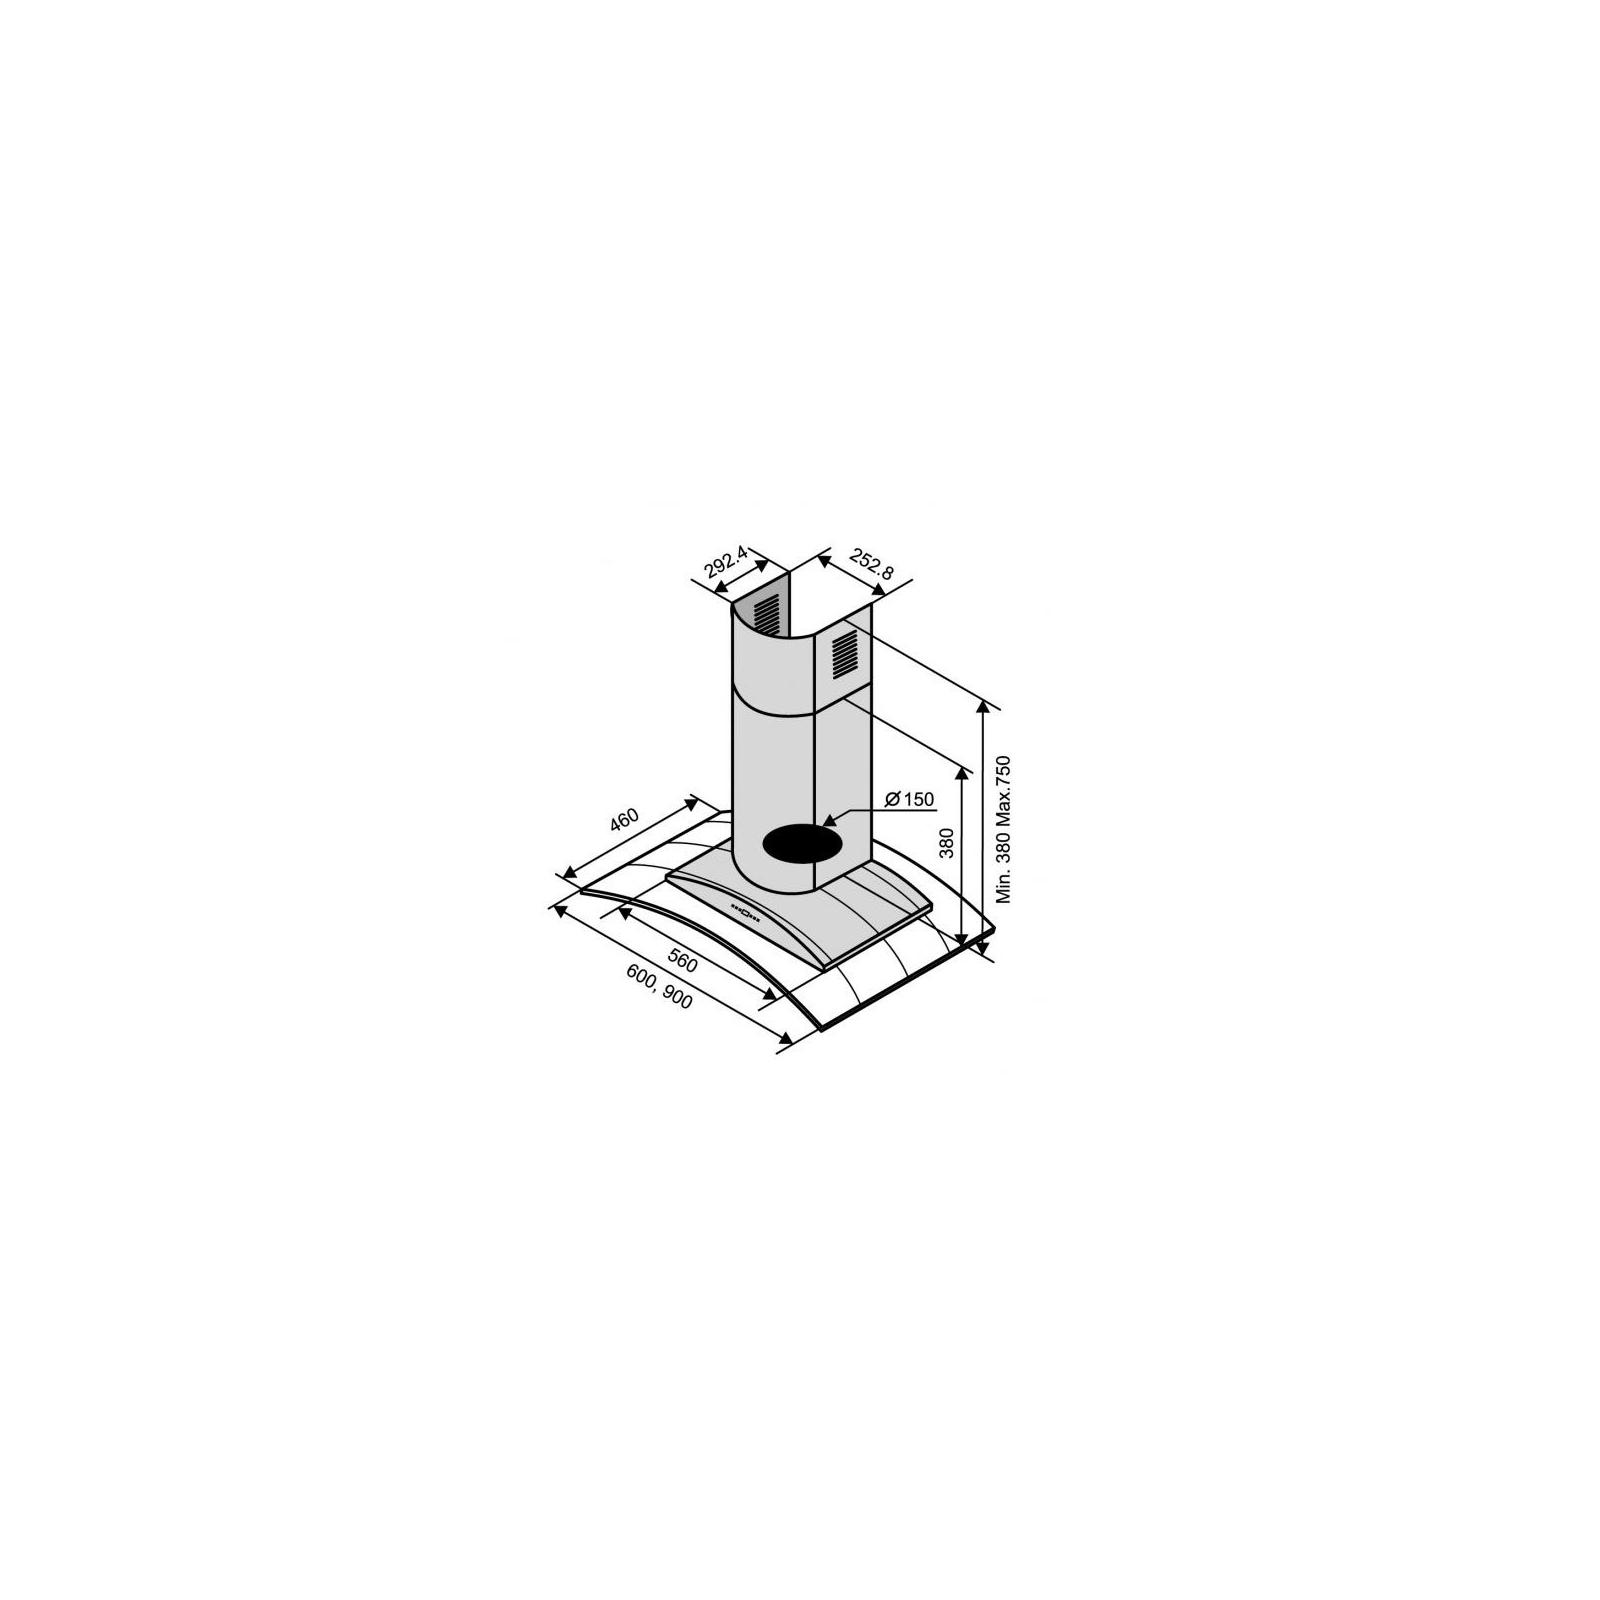 Вытяжка кухонная Ventolux RIALTO 60 BK (750) TRC изображение 2